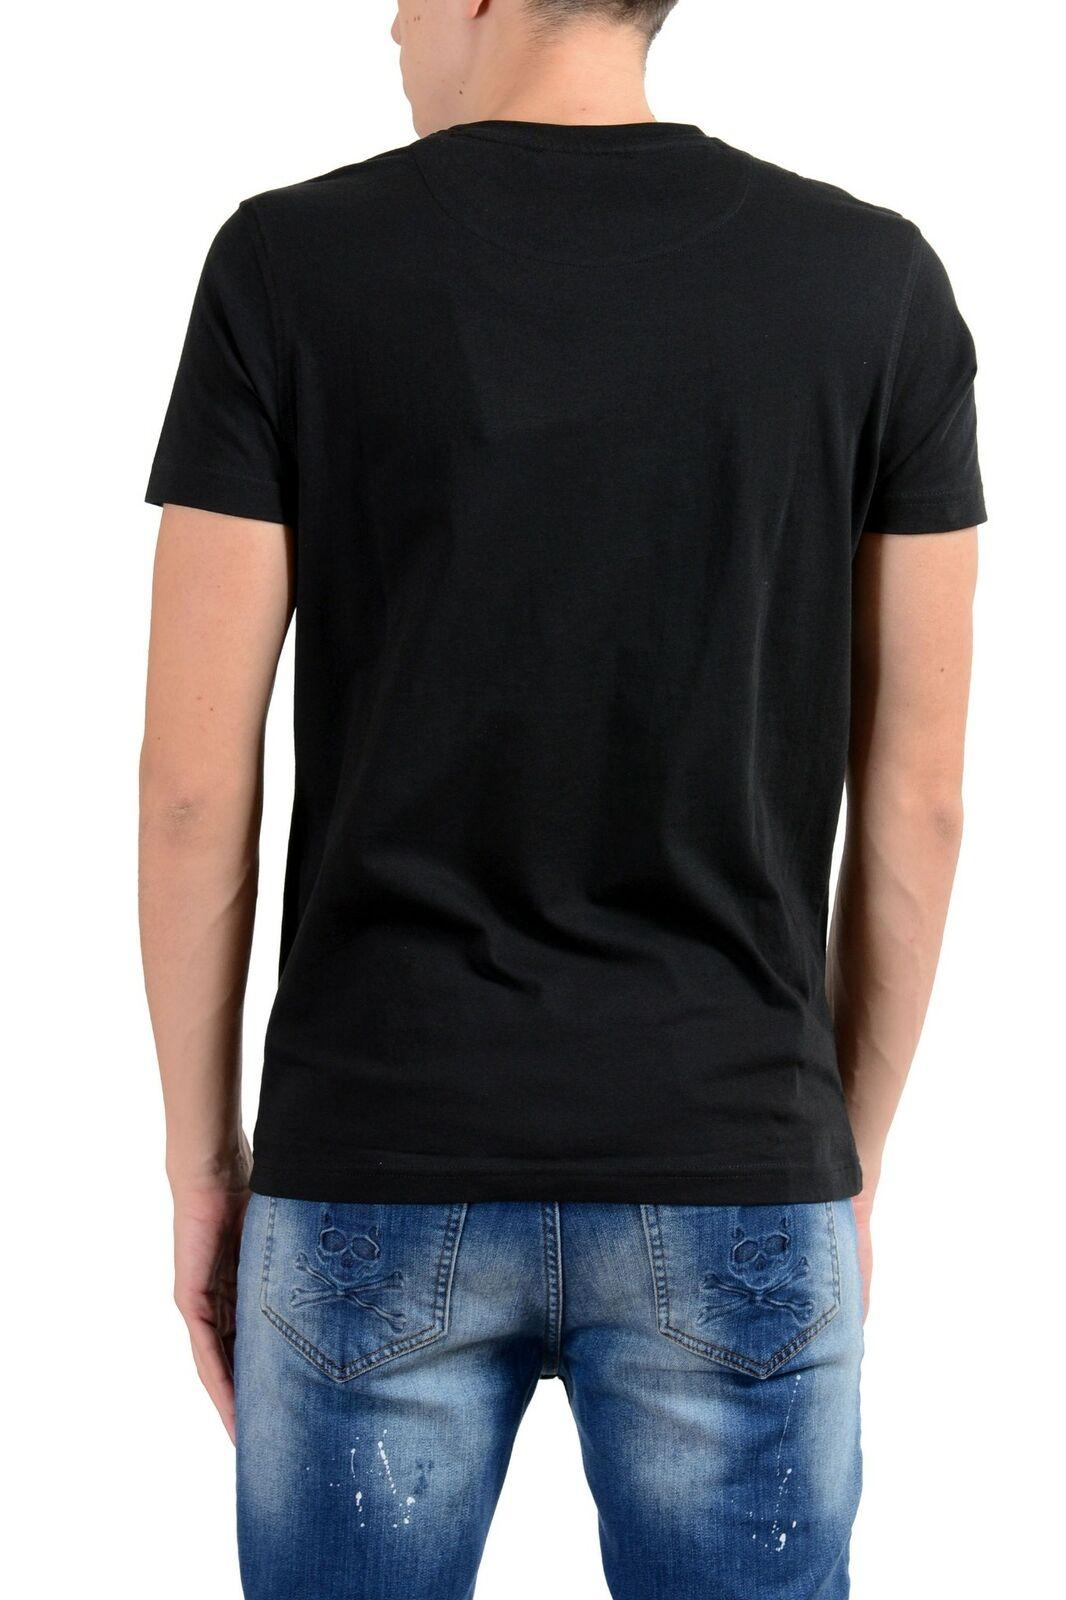 Roberto Cavalli Nere da Uomo Illustrato Illustrato Illustrato Combattimento Girocollo T-Shirt Taglia 548012